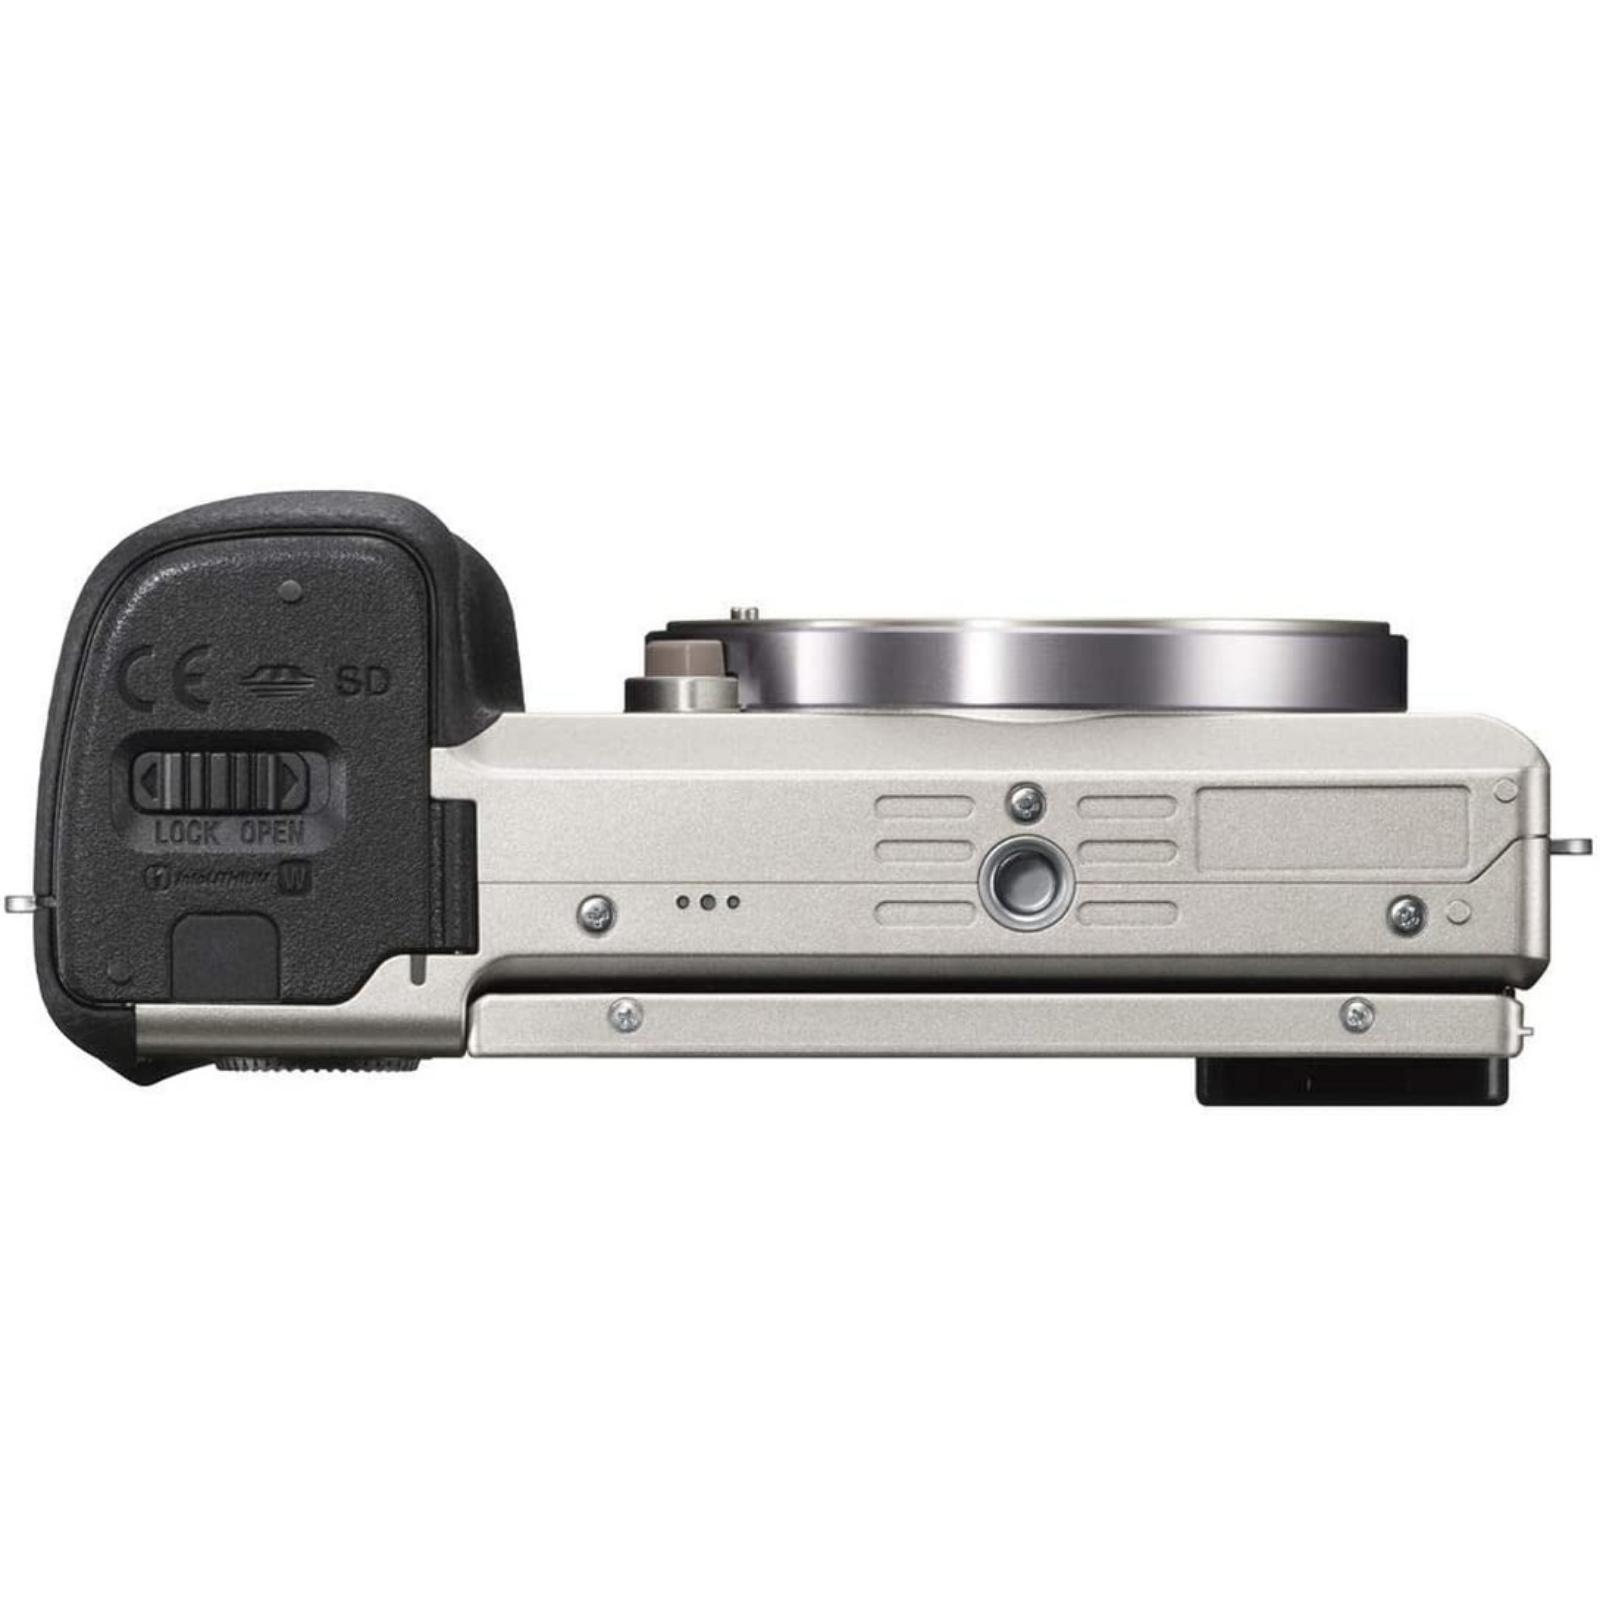 SONY ソニー ミラーレス一眼カメラ α6000 パワーズームレンズキット シルバー ILCE-6000L-S 新品